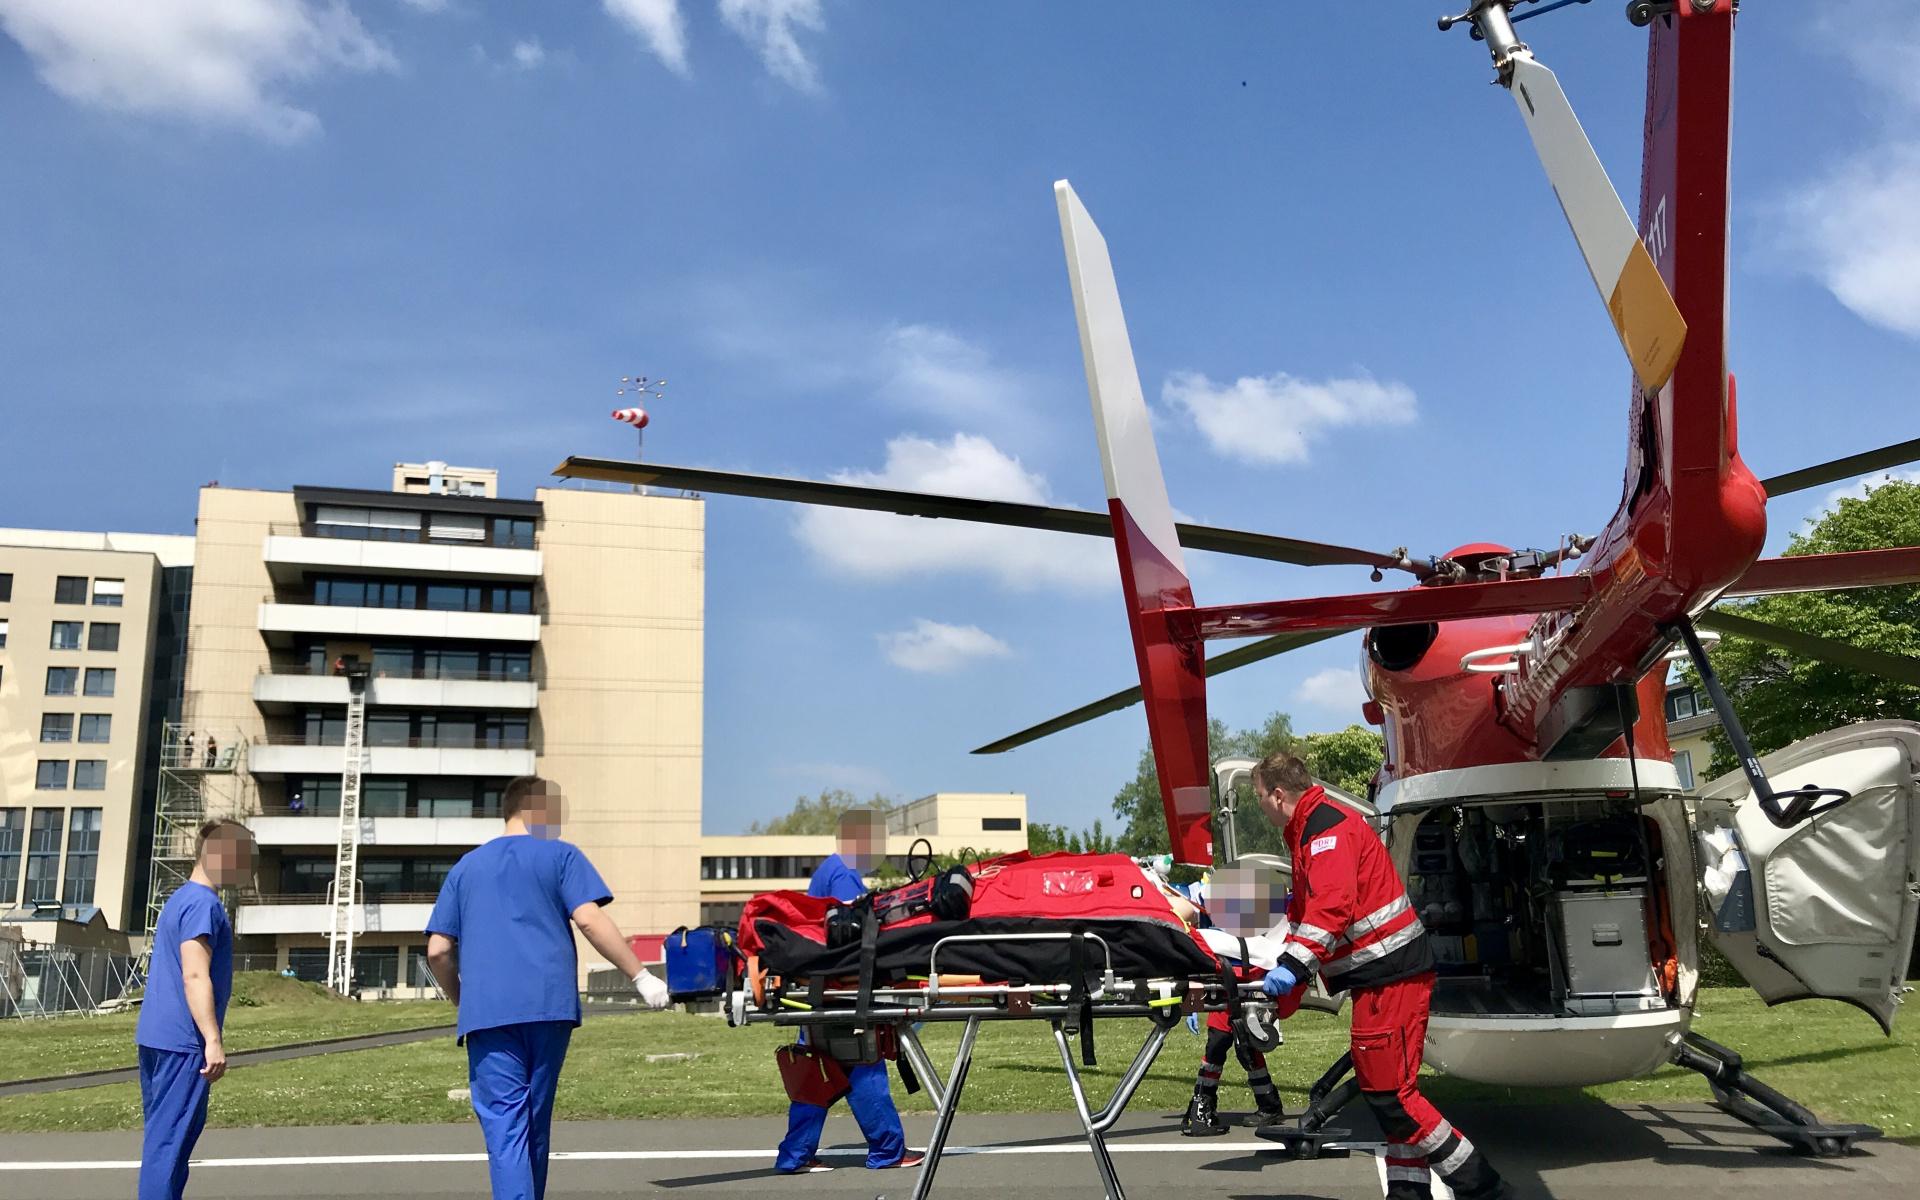 Nach kurzem Flug an Bord von Christoph Dortmund erfolgt die Übergabe an die Klinik.